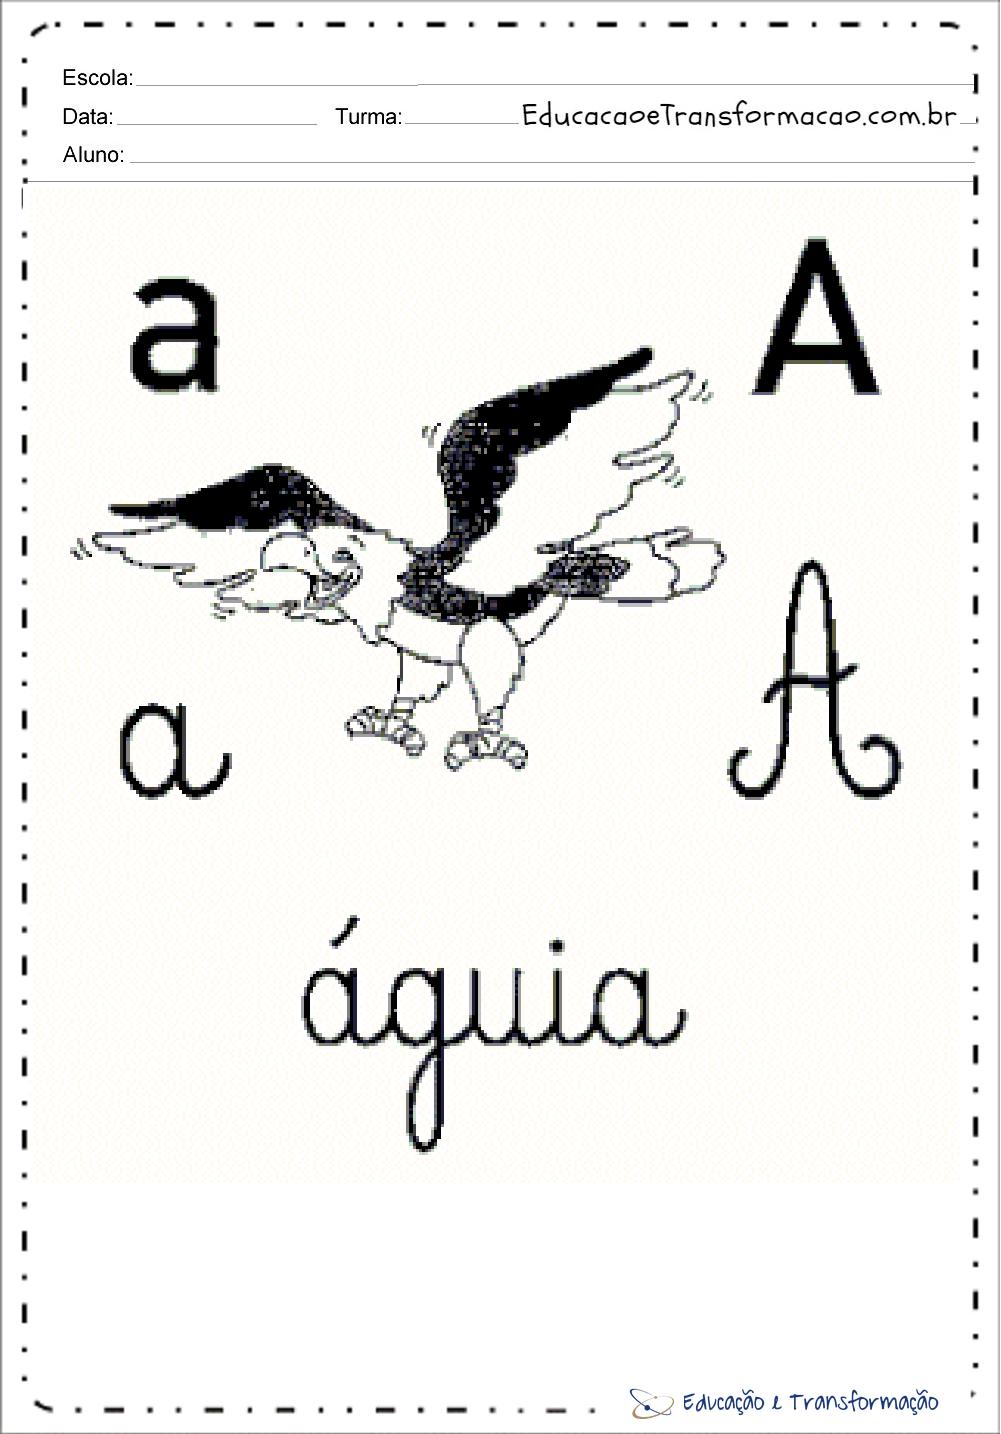 Letra A maiúscula e minuscula - Bastão e Cursiva